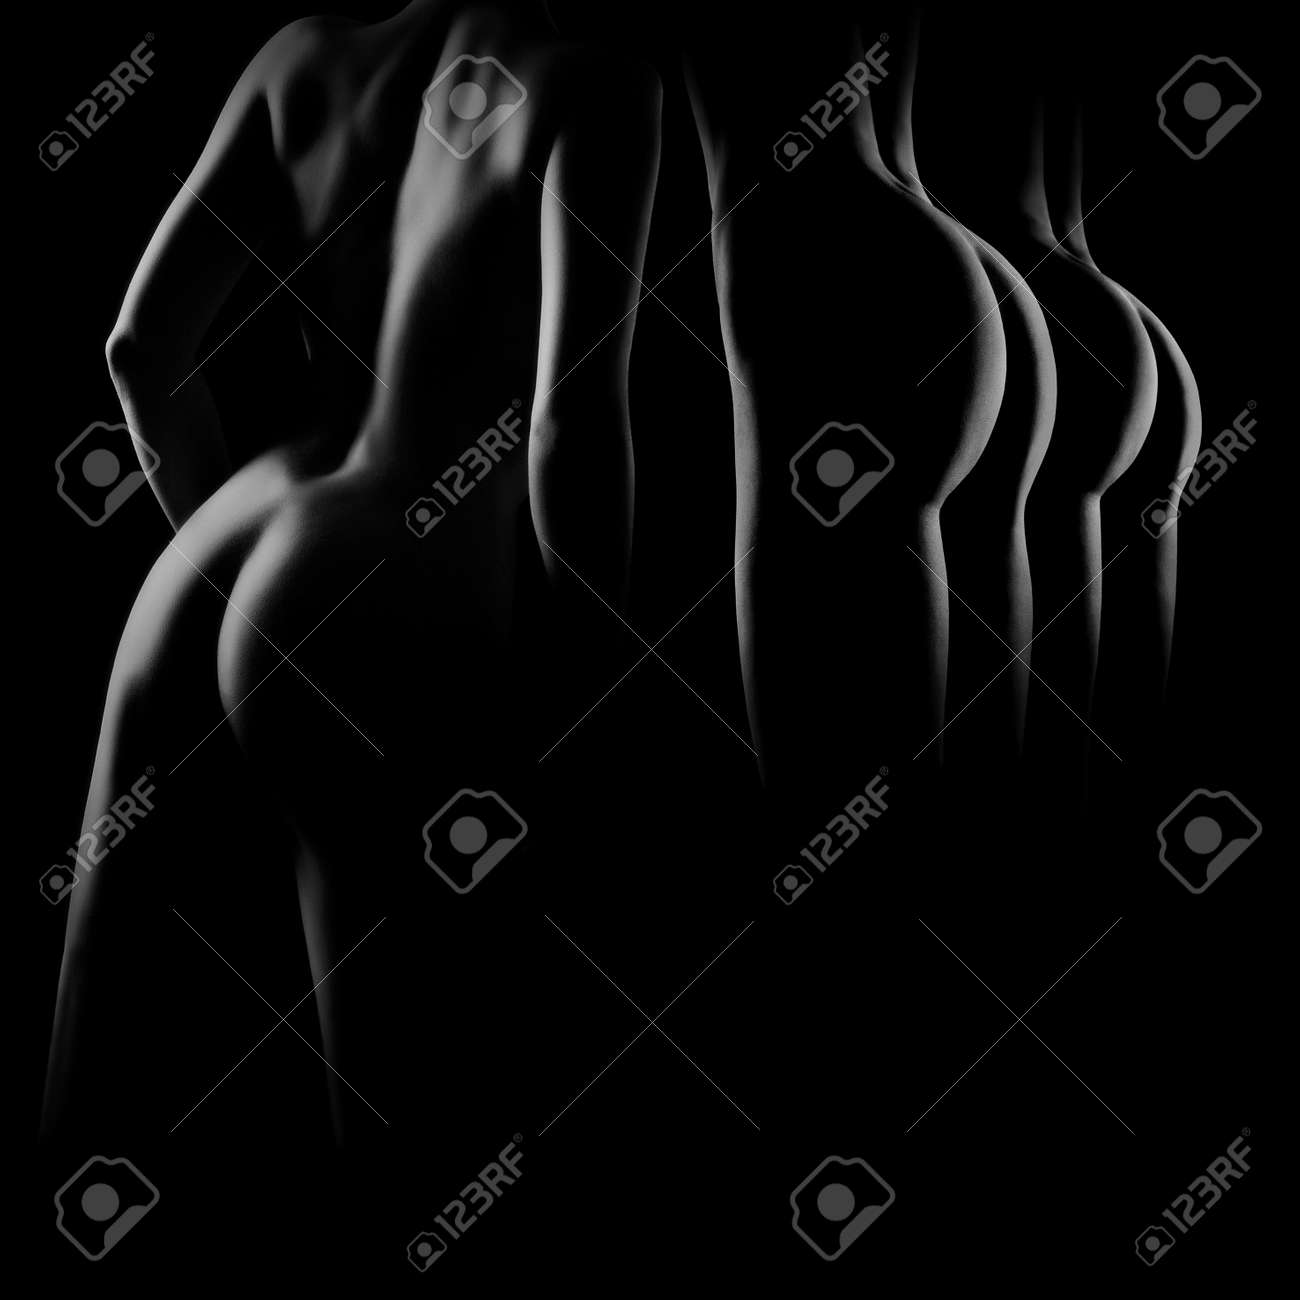 Gr girls getting naked